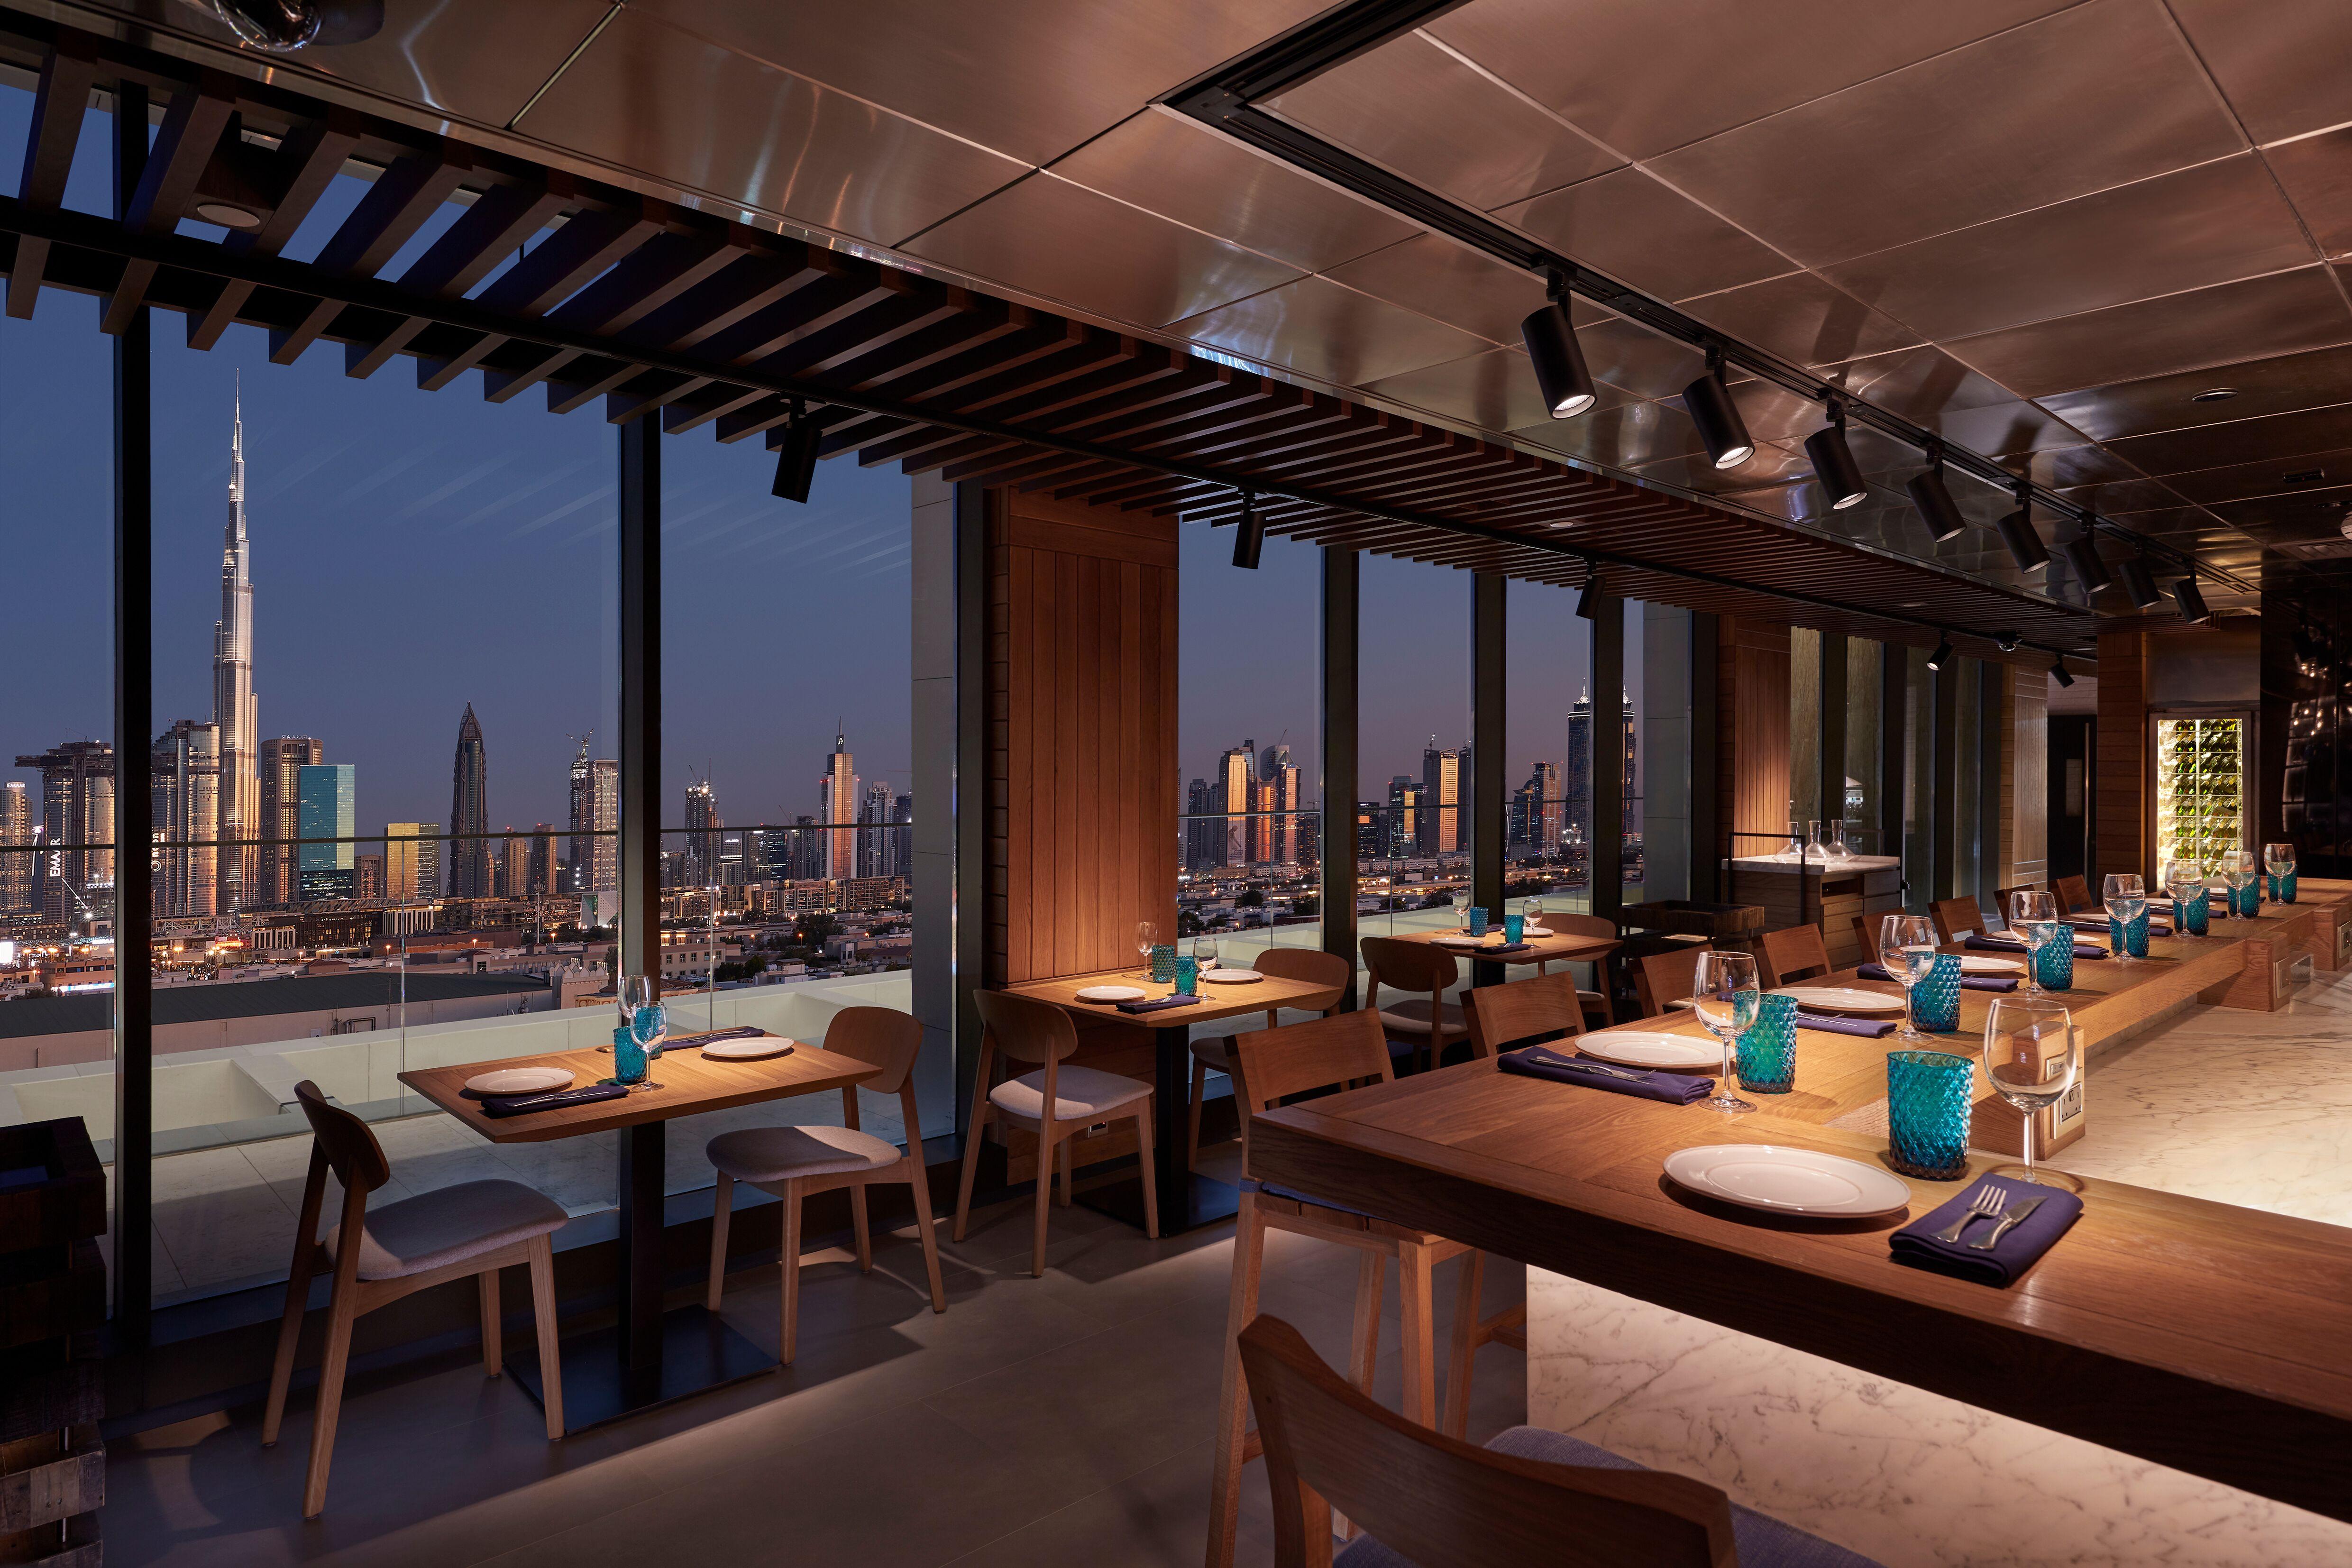 الشيف جوزيهأفيليز يفتتح أحدث مطاعمه في دبي